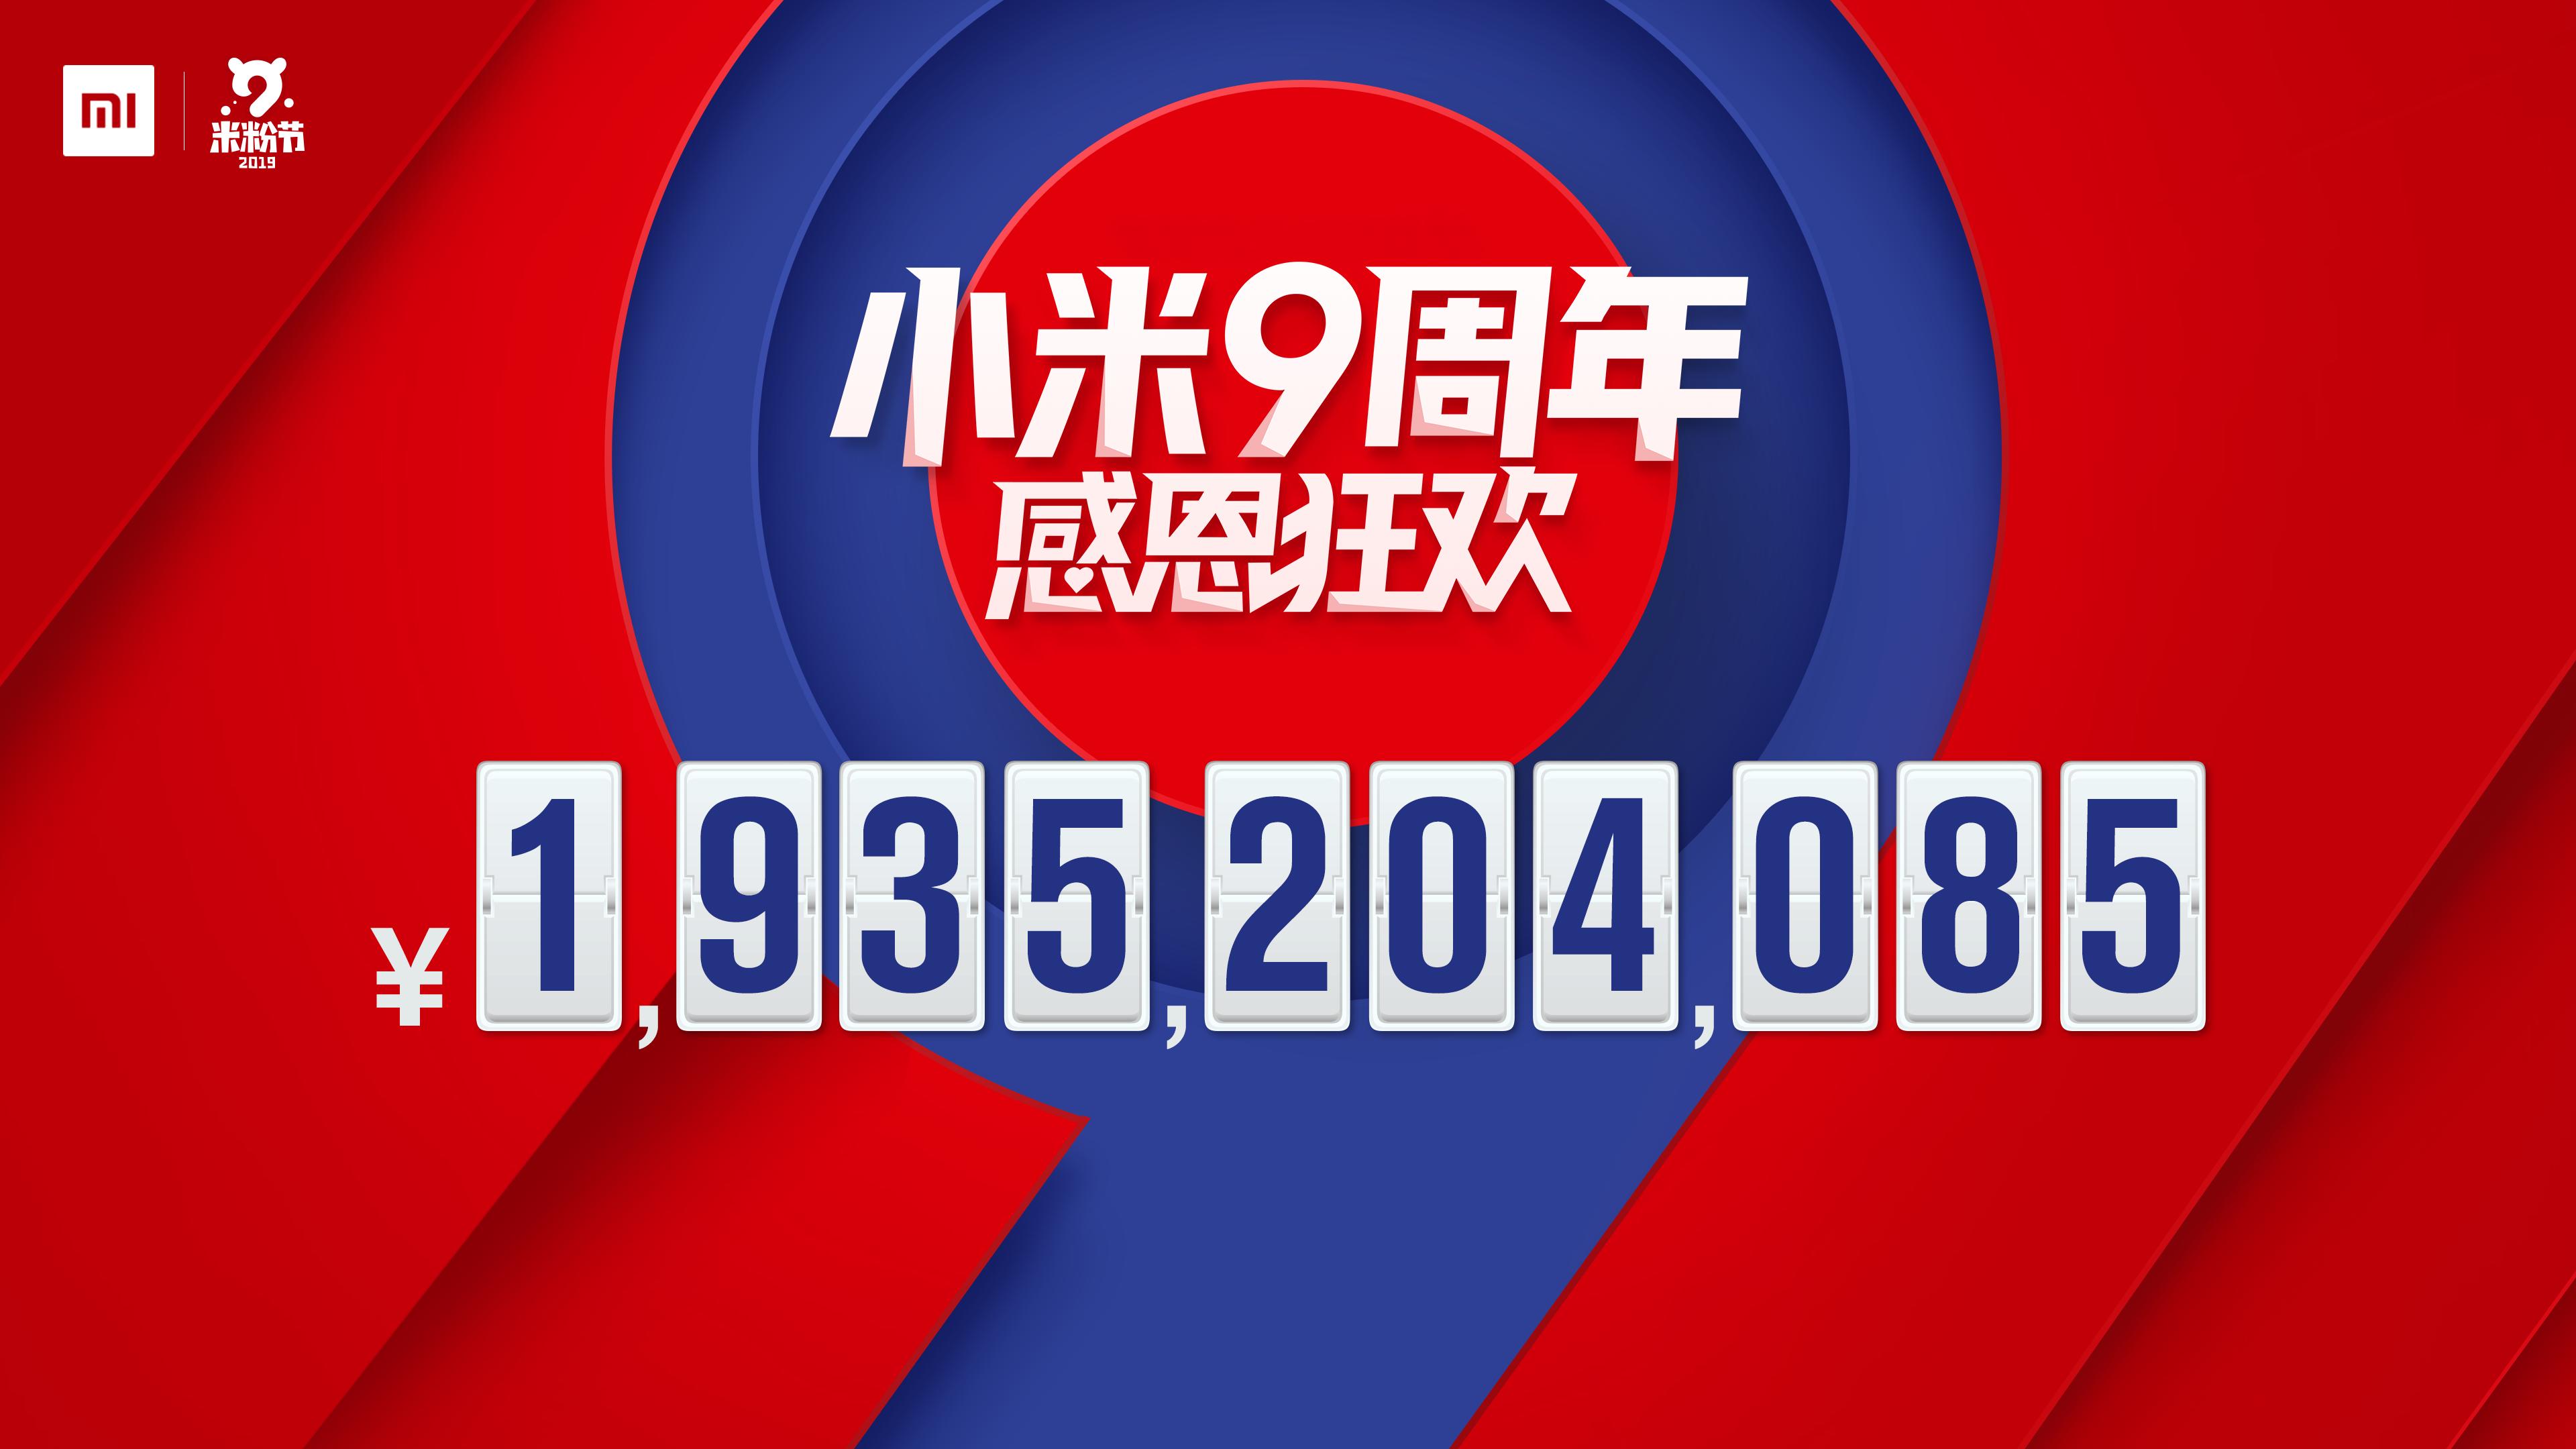 Xiaomi a réalisé 264 000 000€ de chiffre d'affaire en 24 heures ! ()